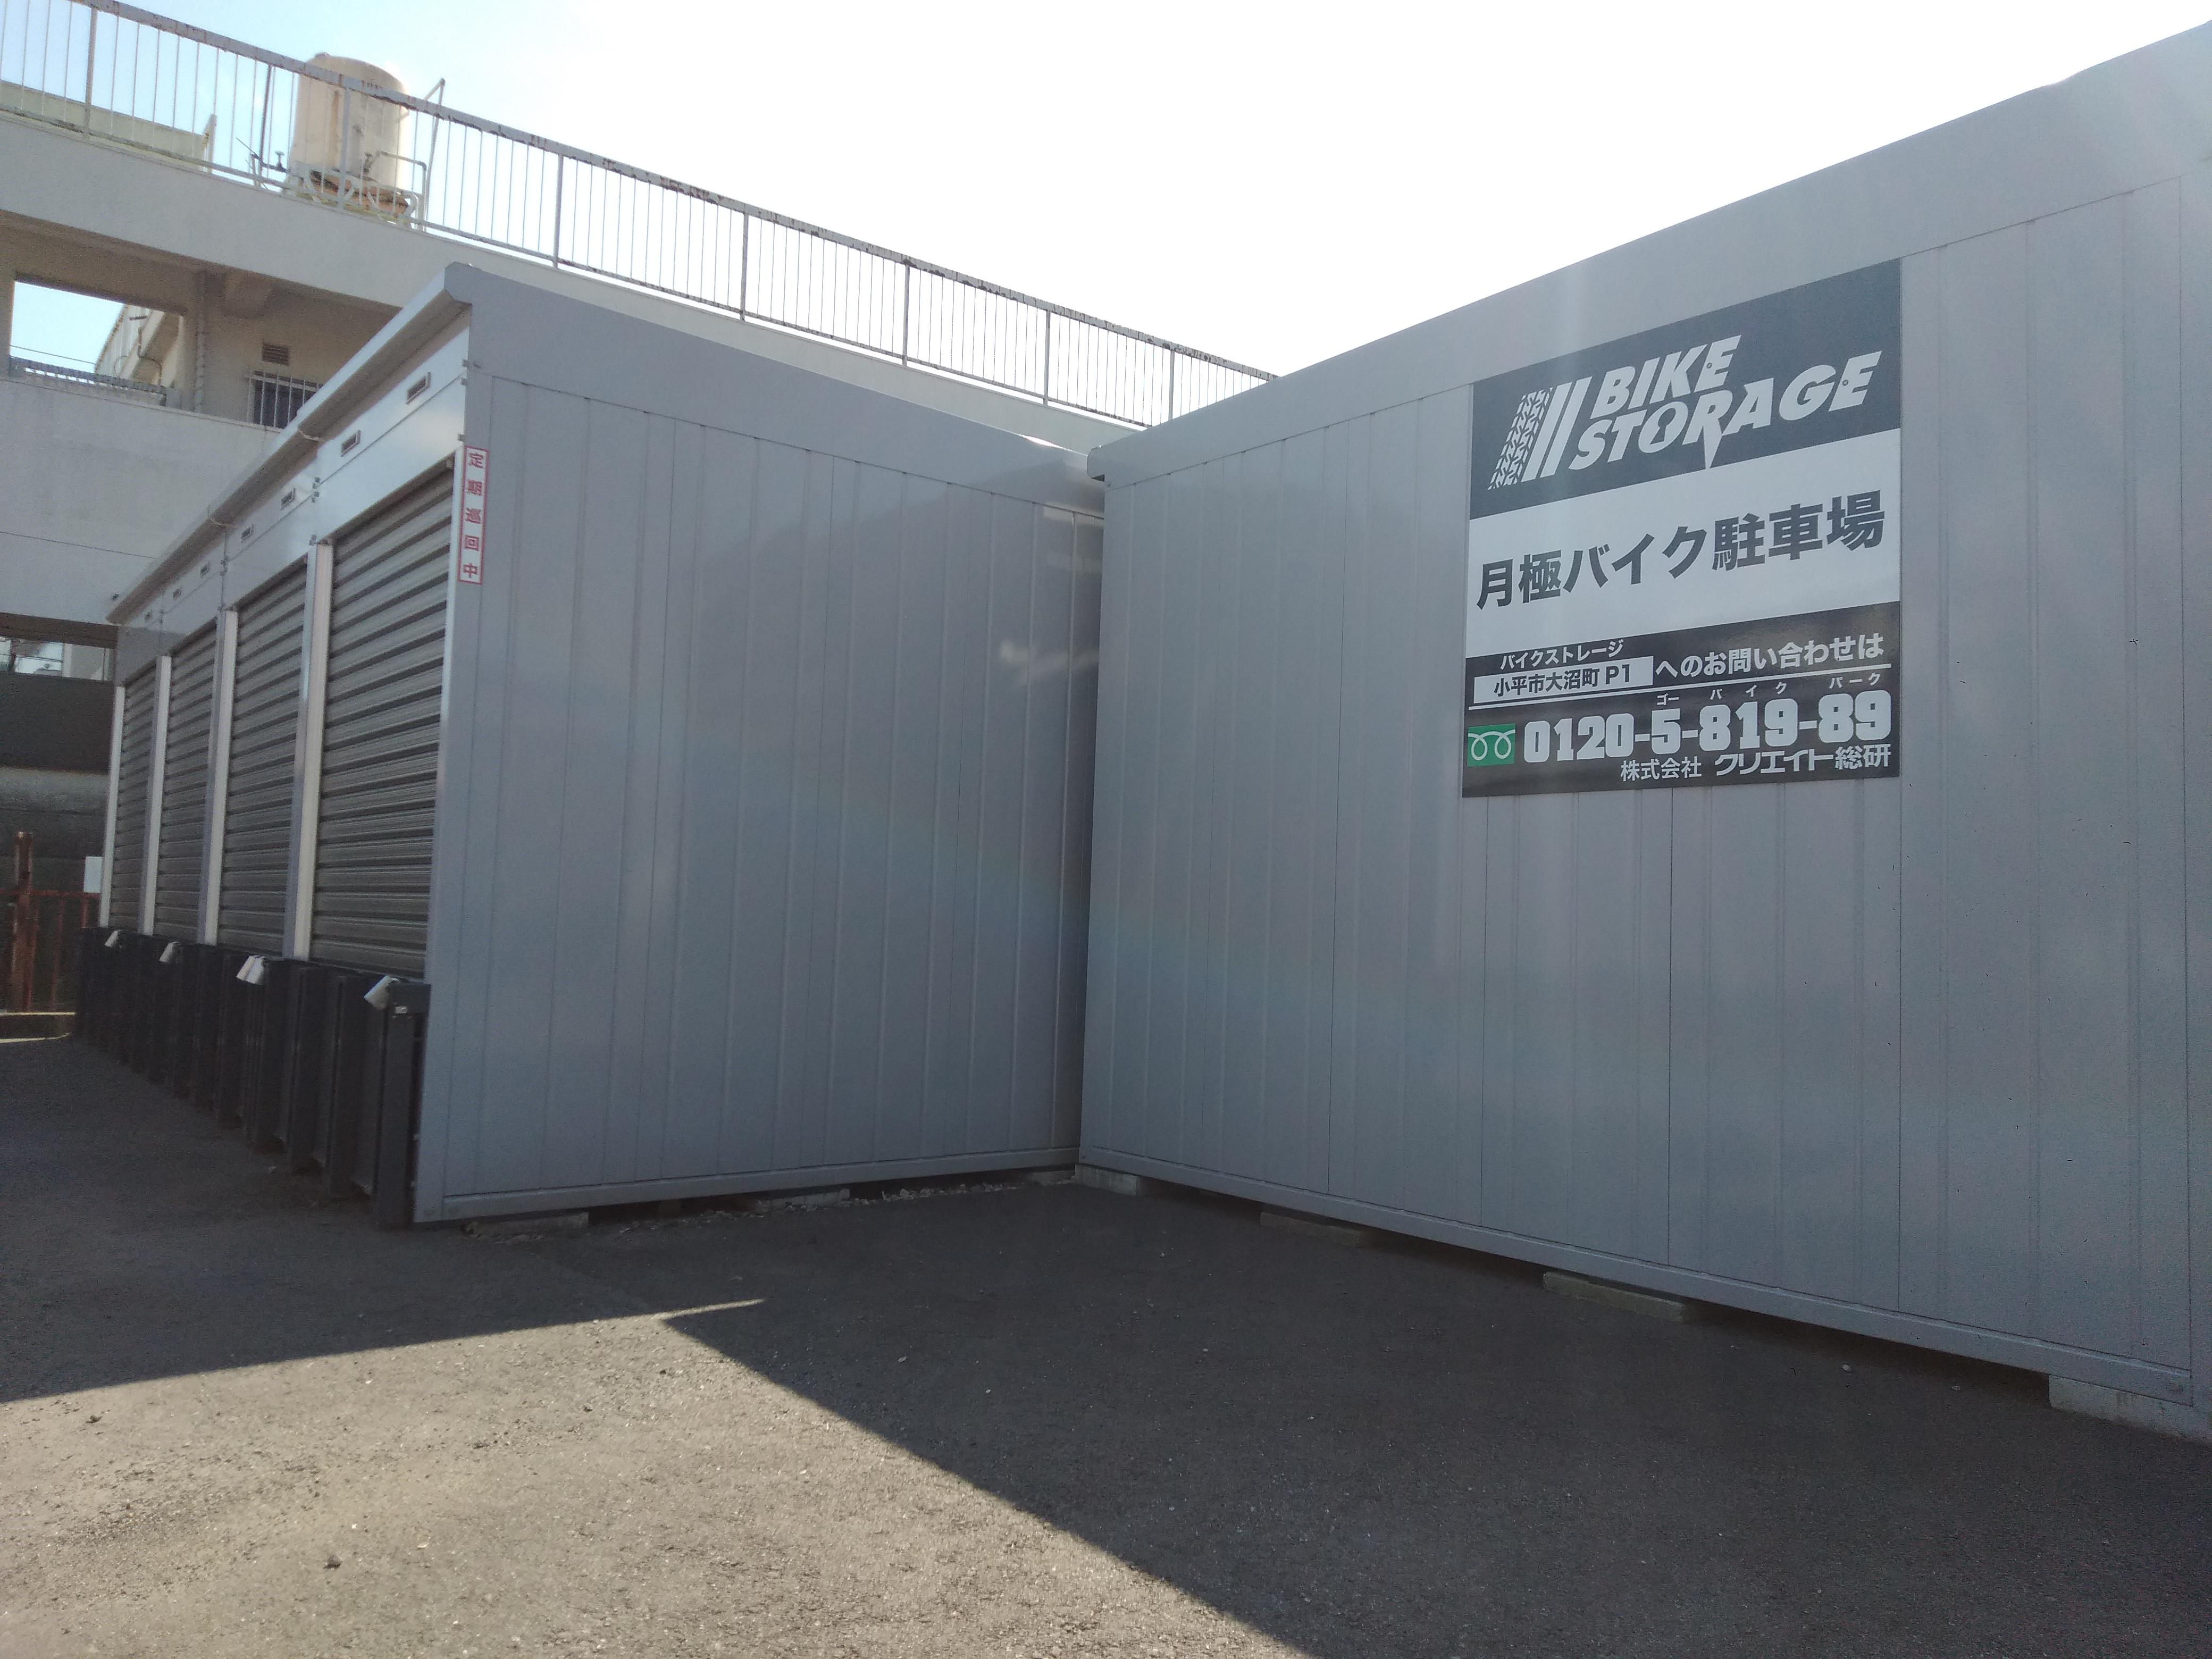 バイクストレージ小平市大沼町P1